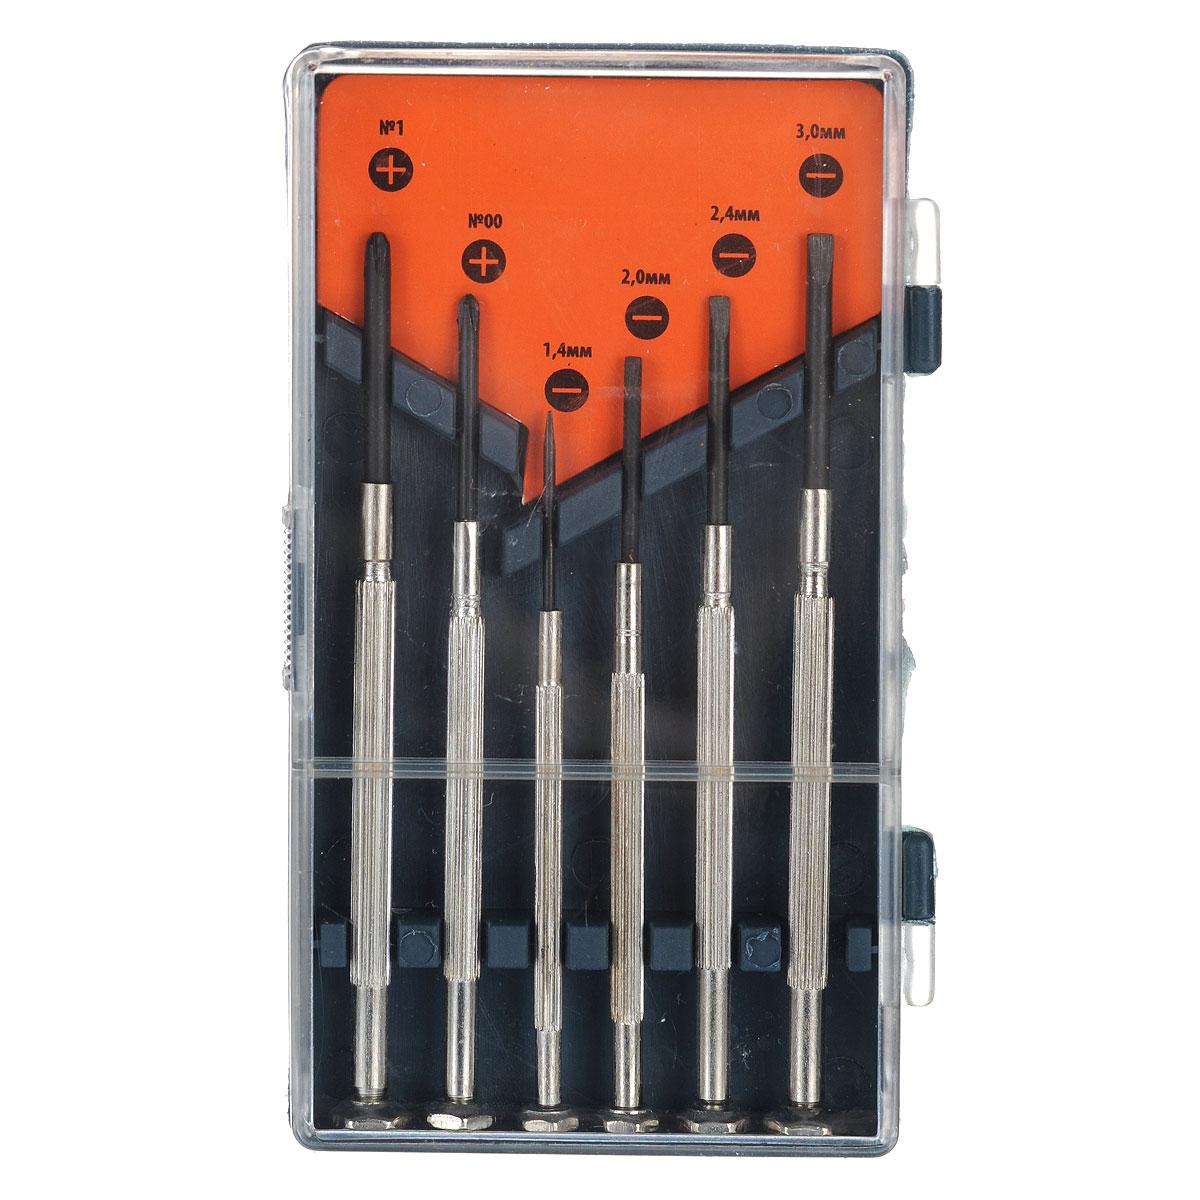 Набор отверток для точной механики Sparta, 6 шт133445Набор отверток Sparta предназначен для ремонта и обслуживания портативных электронных приборов и техники. Отвертки изготовлены из высококачественной стали.Состав набора:Отвертки плоские: 1,4 мм, 2 мм, 2,4 мм, 3 мм.Отвертки крестовые: PH00, PH1.Пластиковый футляр для переноски и хранения.